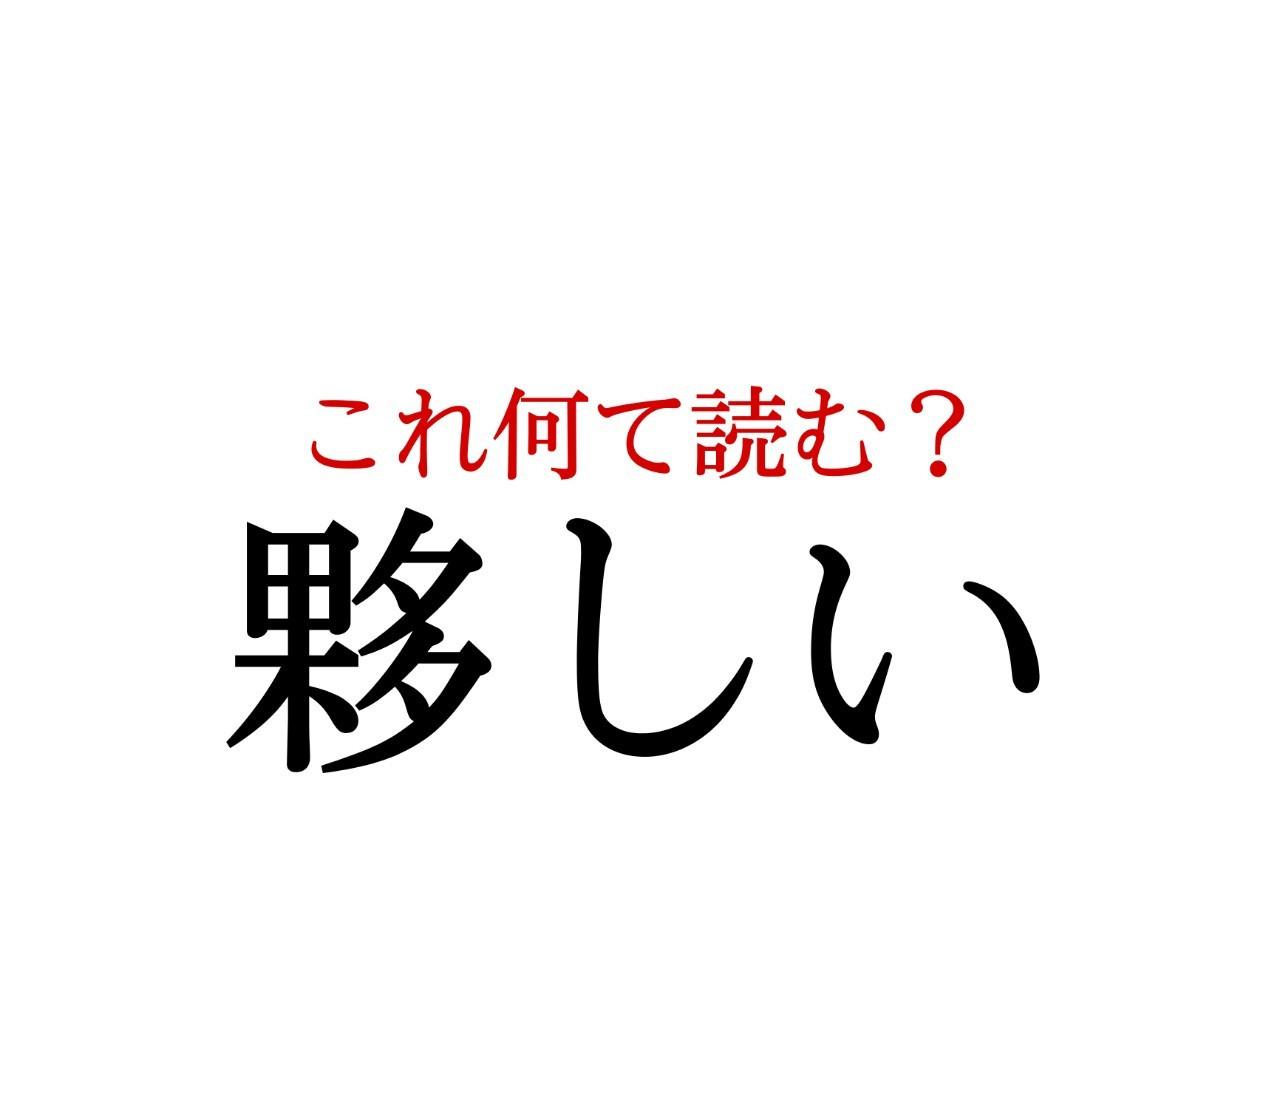 「夥しい」:この漢字、自信を持って読めますか?【働く大人の漢字クイズvol.180】